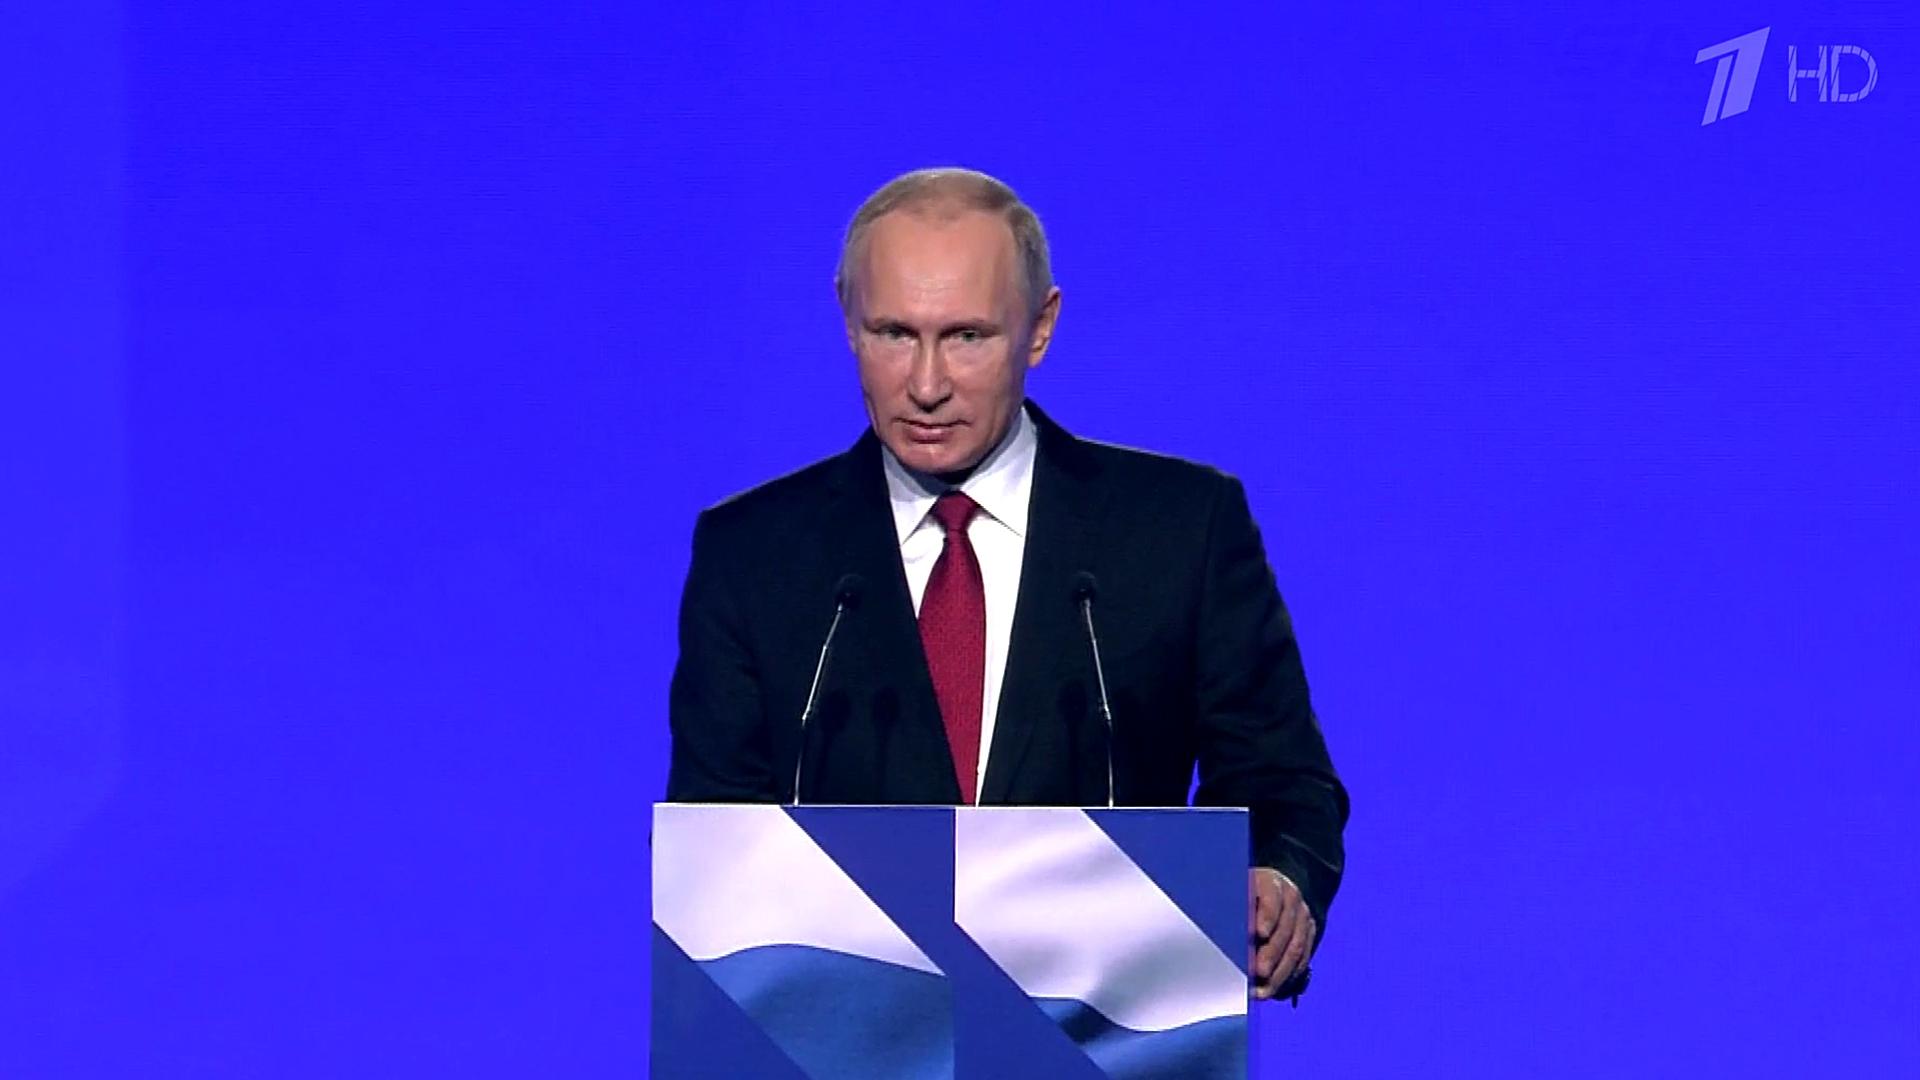 http://classic.newsru.com/russia/29mar2012/kombat.html